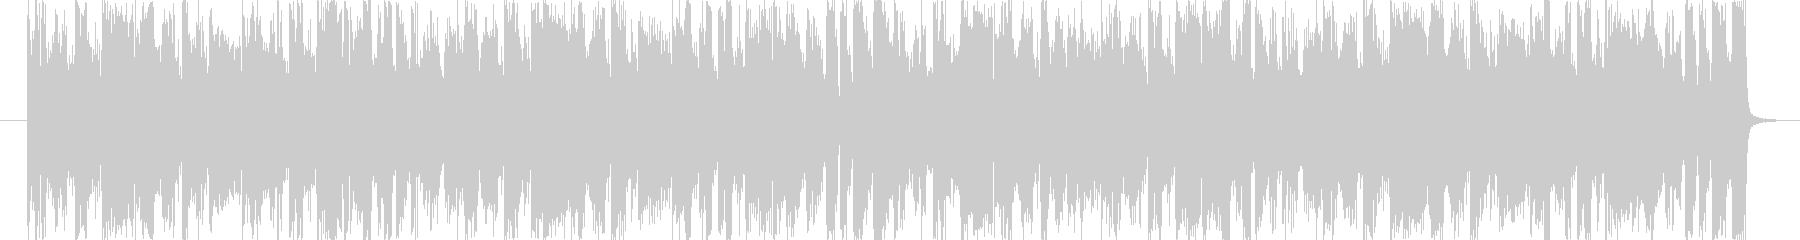 ノリが良くおしゃれなサウンドの未再生の波形